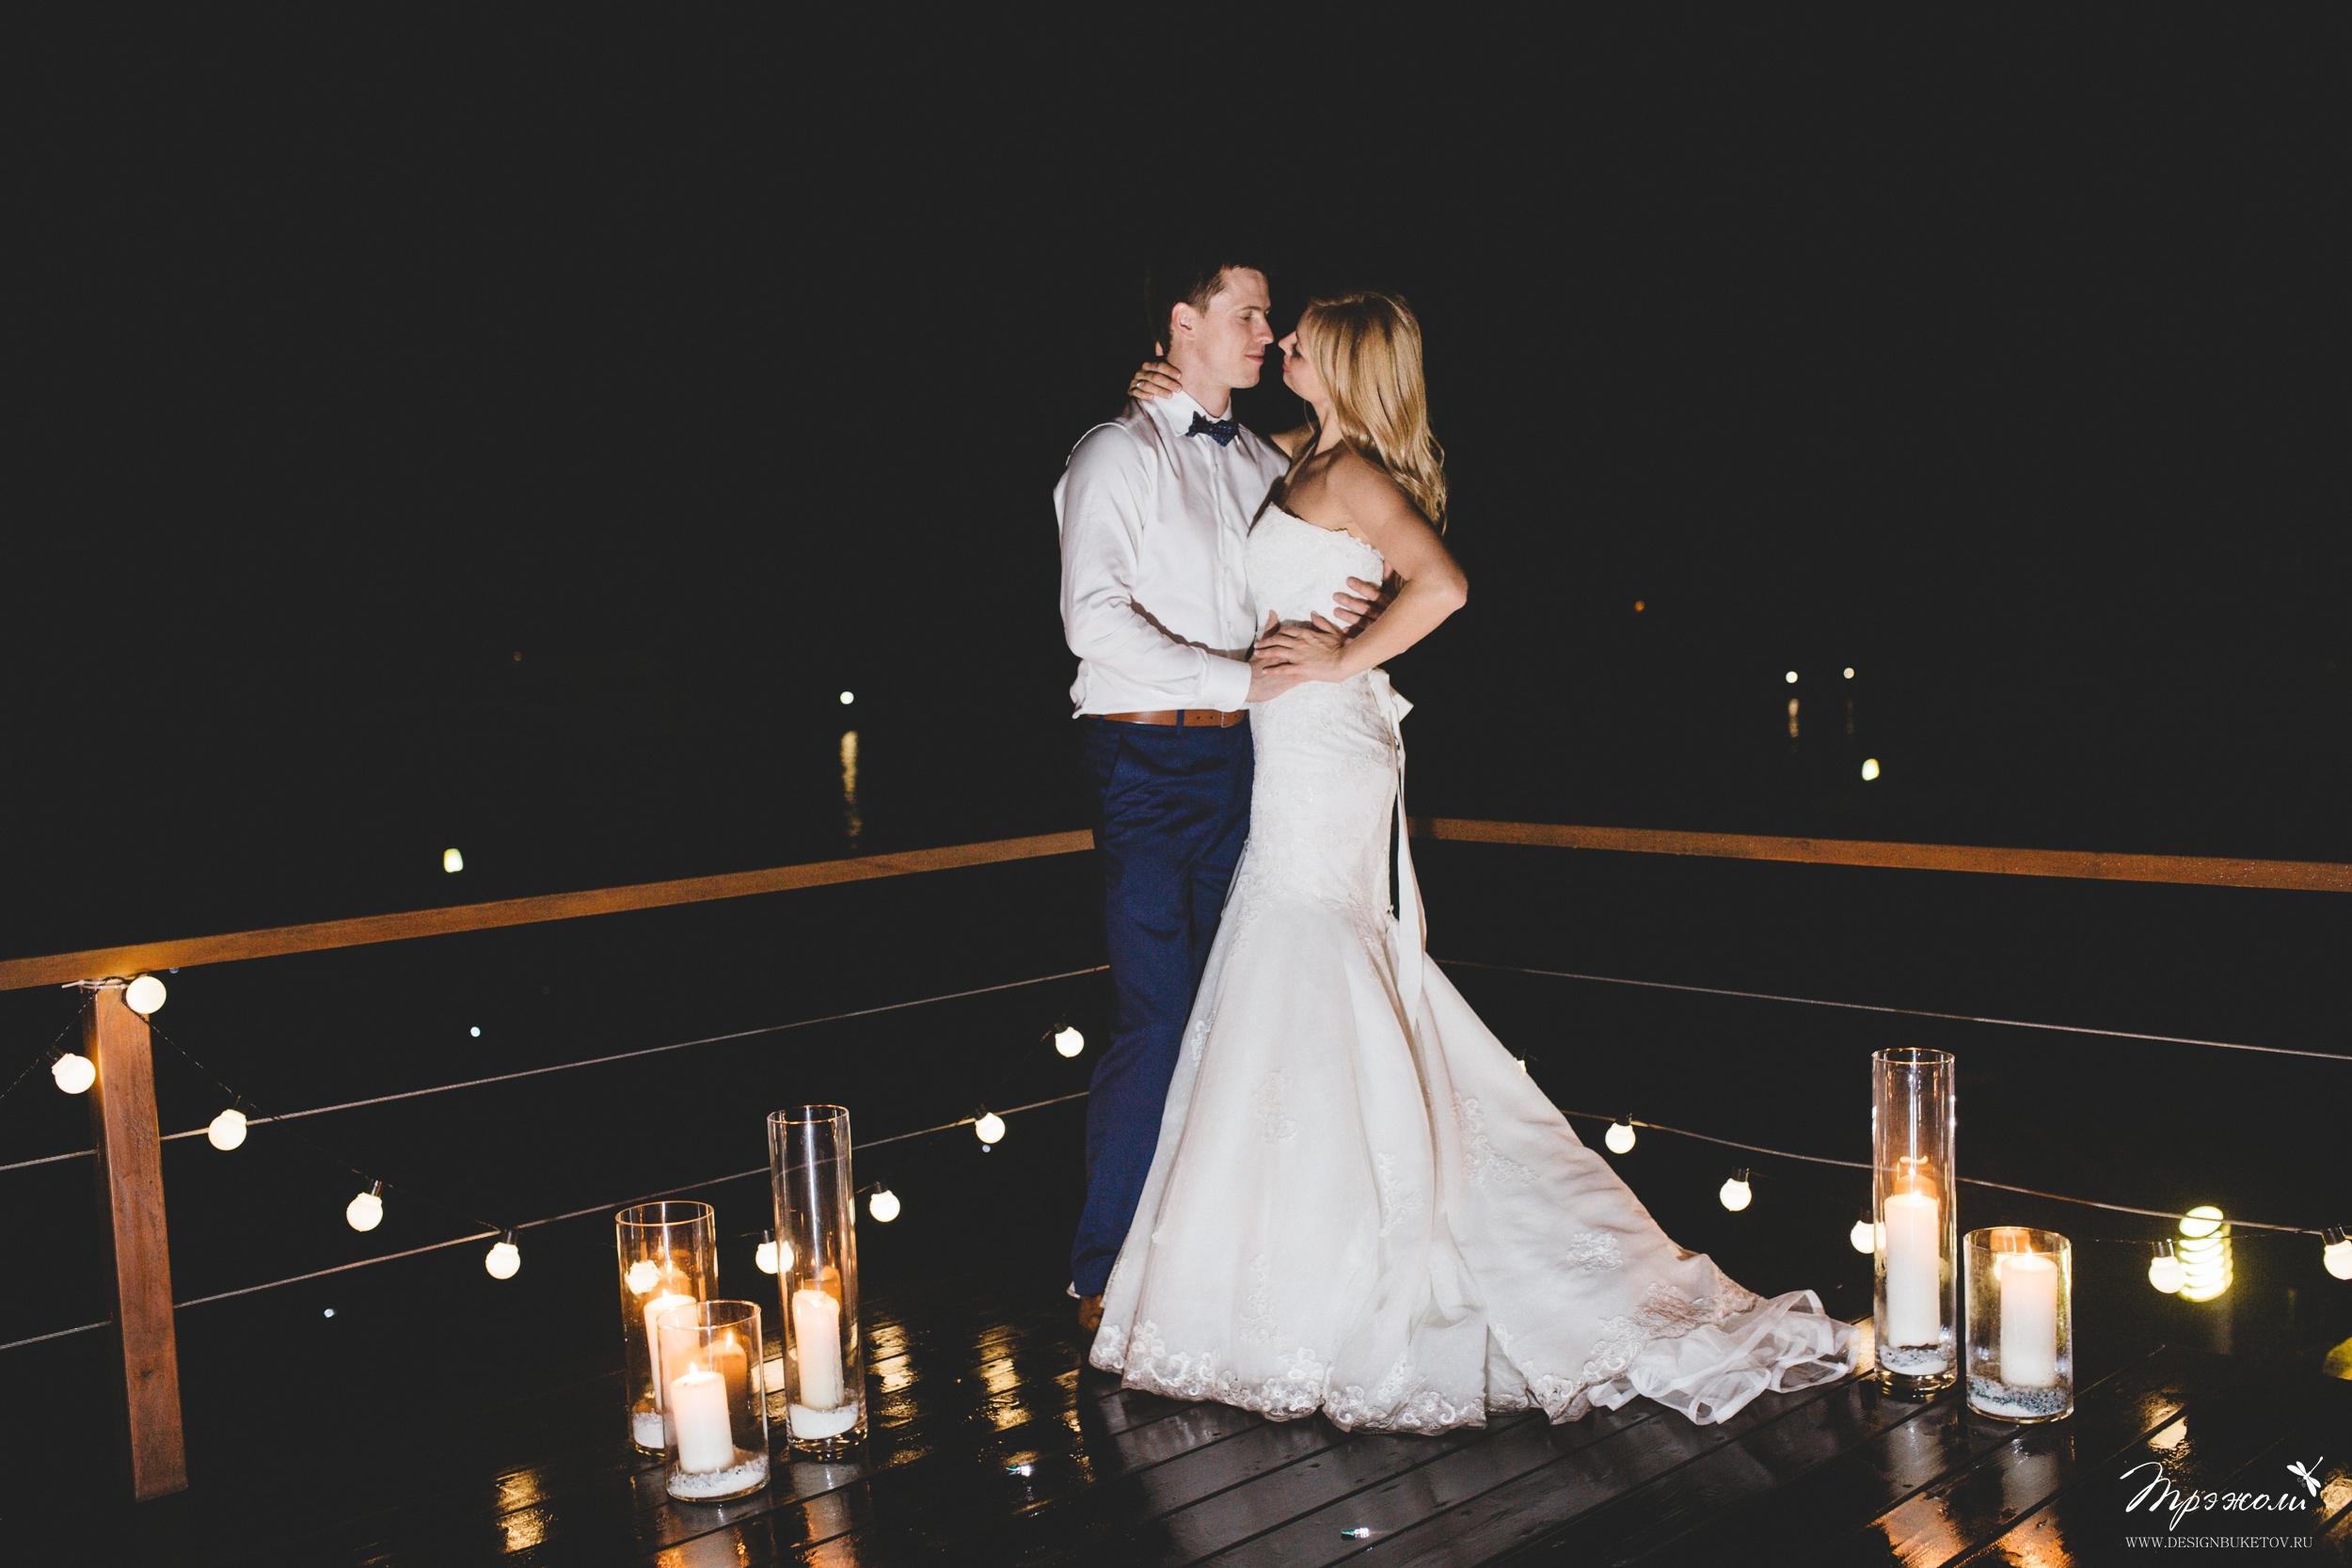 Вечерняя церемония брака